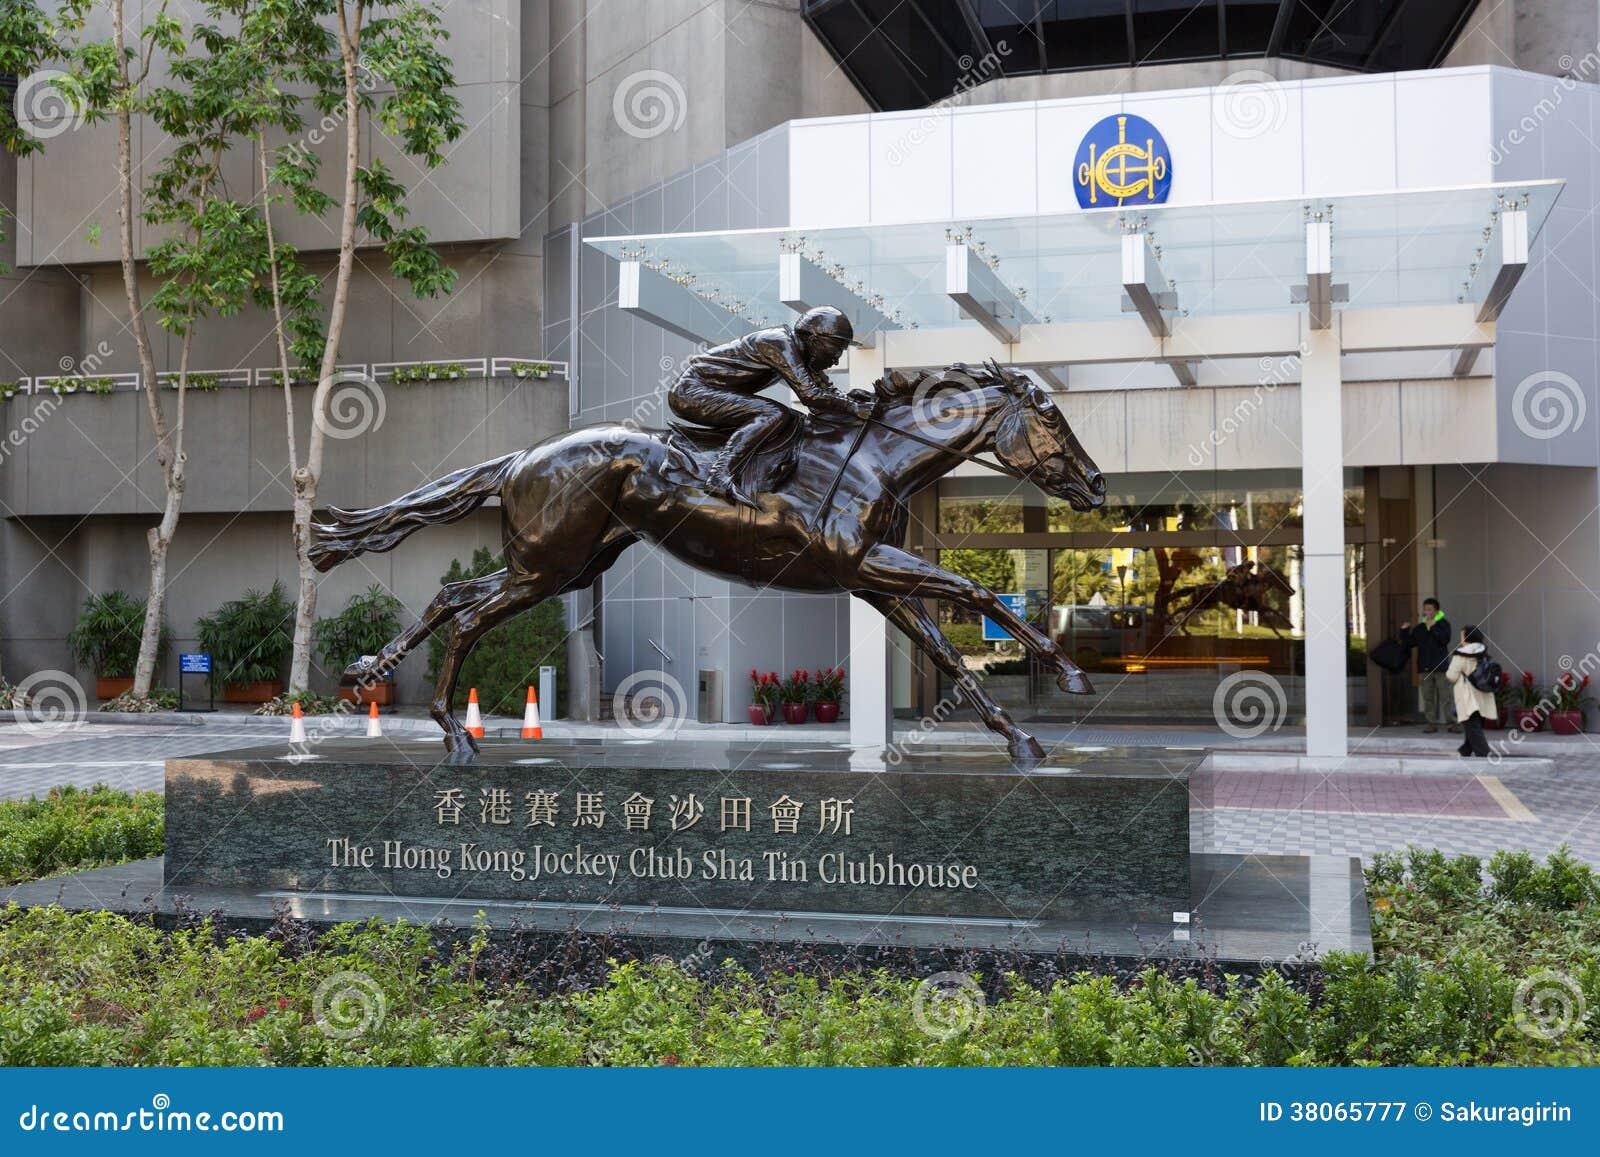 香港赛马会跑马地会所_香港赛马会沙公罐子俱乐部 图库摄影片